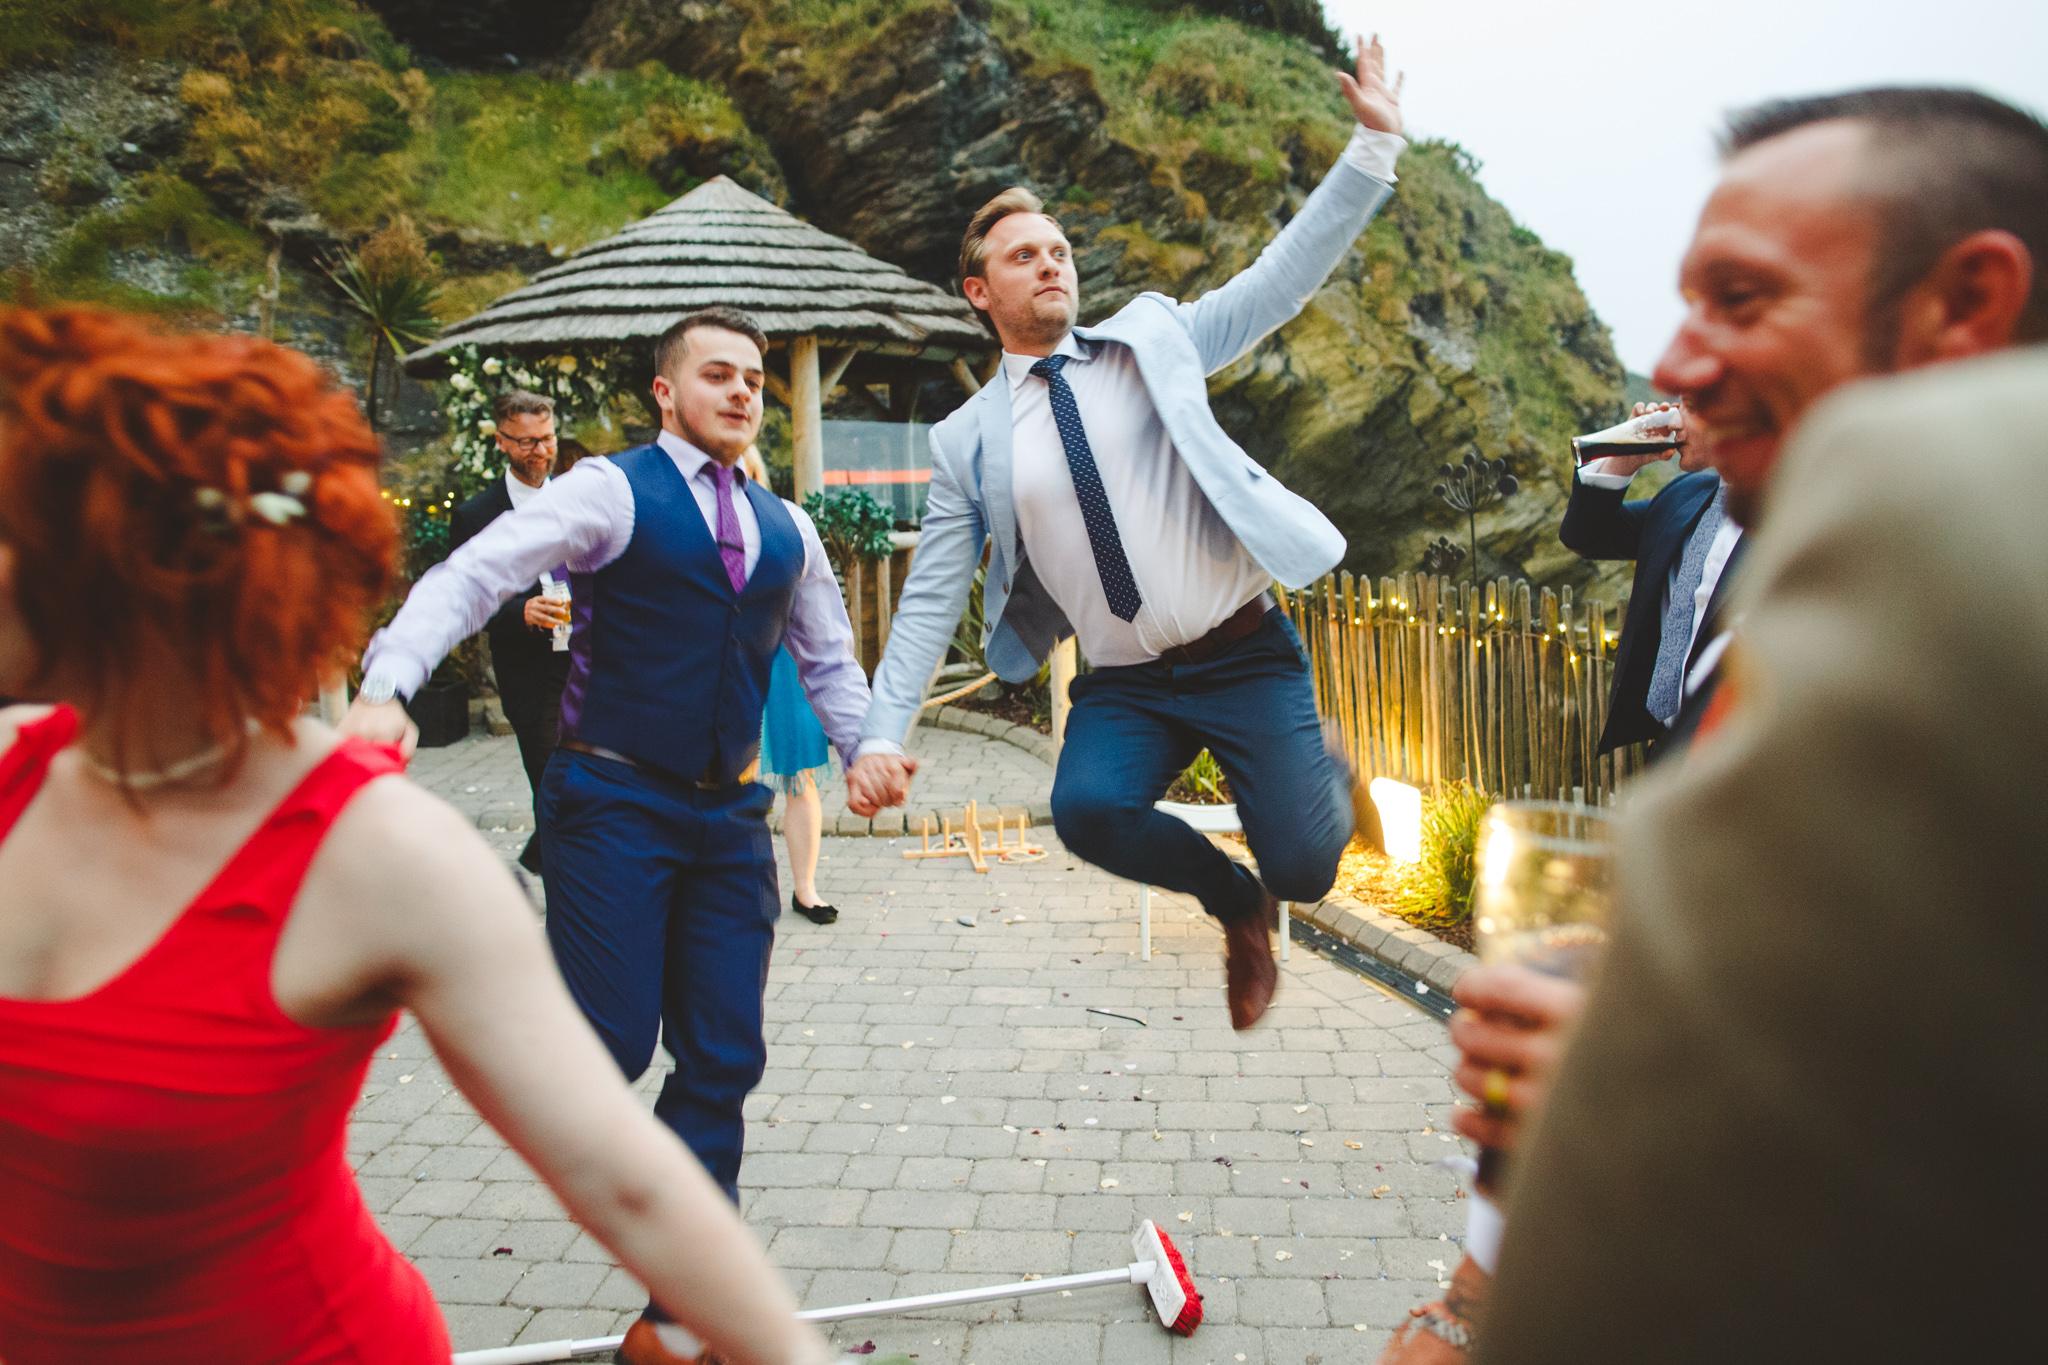 tunnels-beaches-devon-wedding-photography-58.jpg